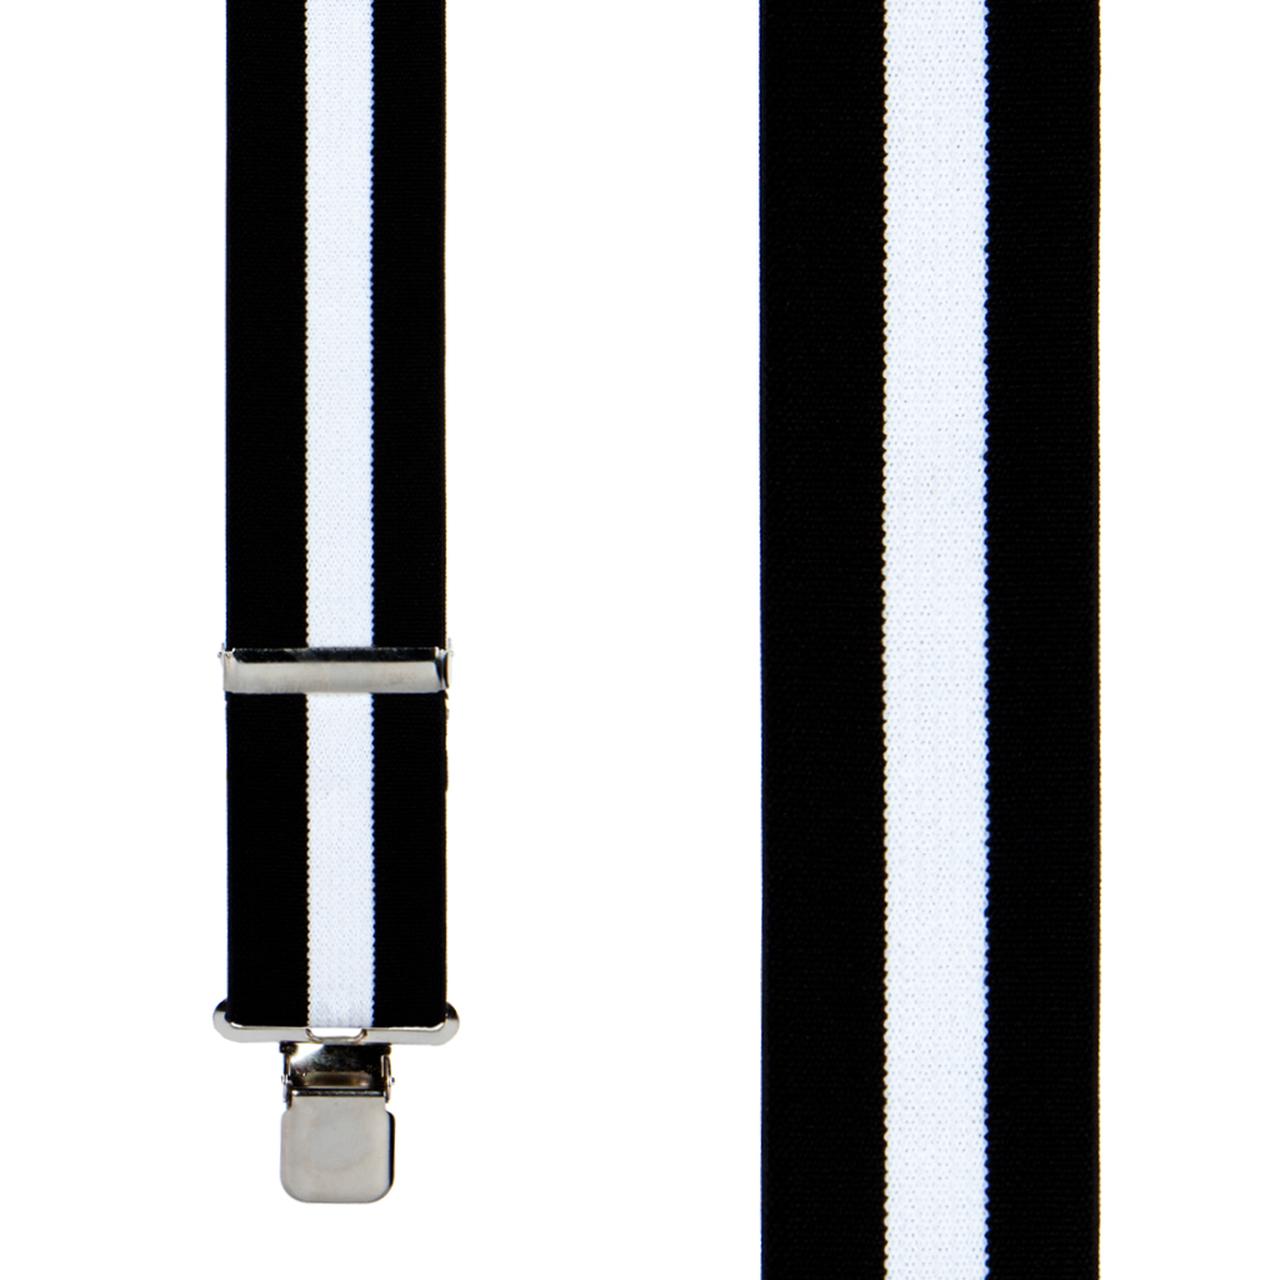 Black/White Striped Clip Suspenders.